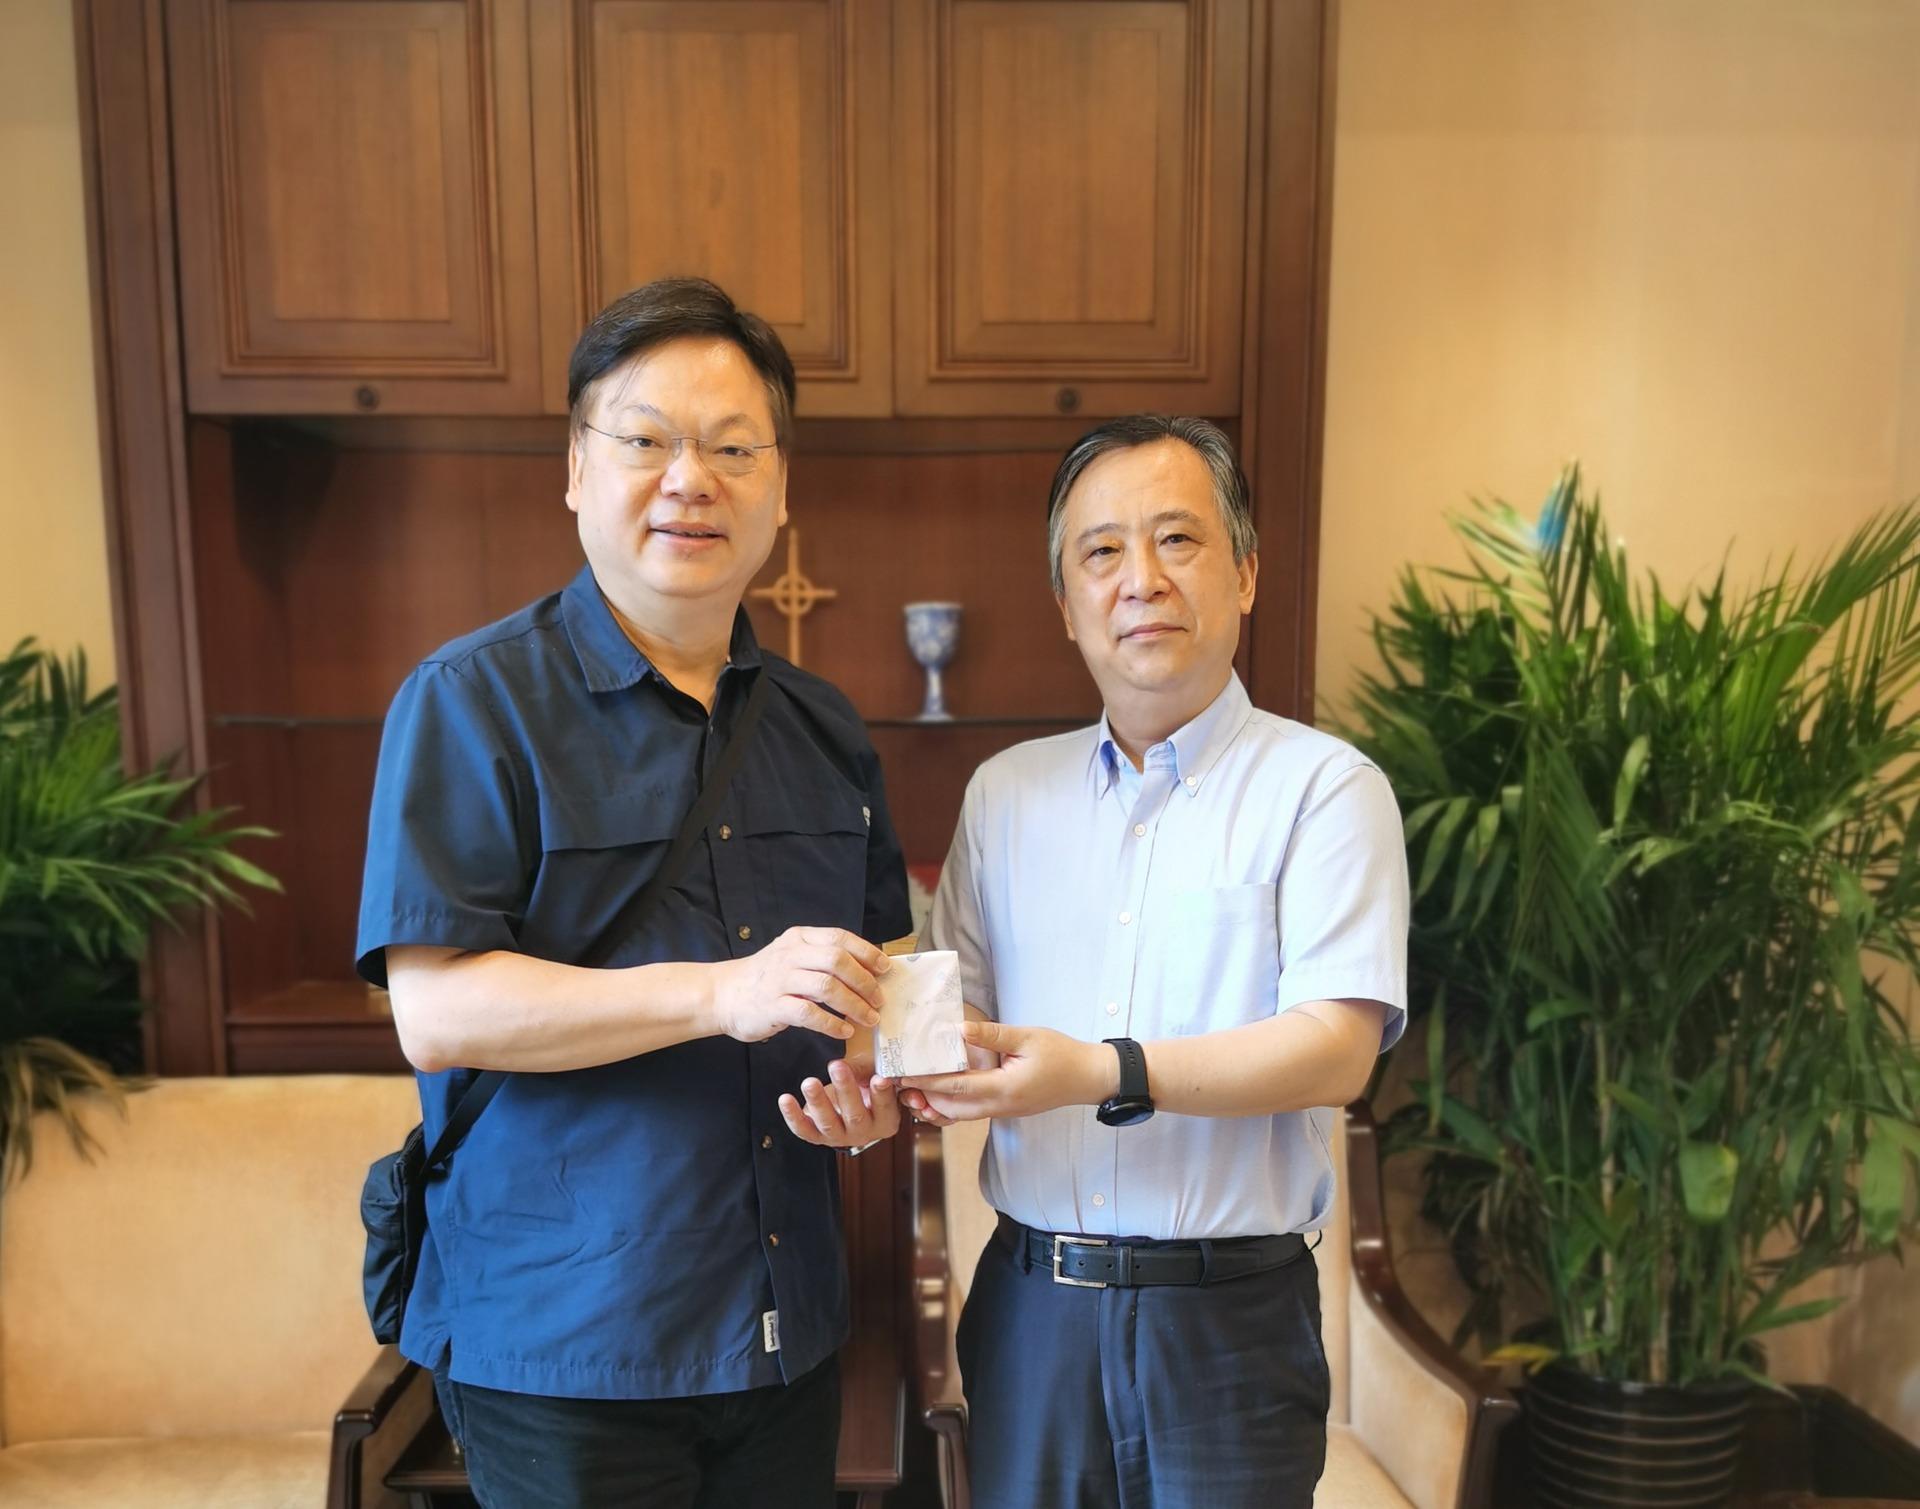 Rev. Xu Xiaohong Receives Rev. Enoch Lam